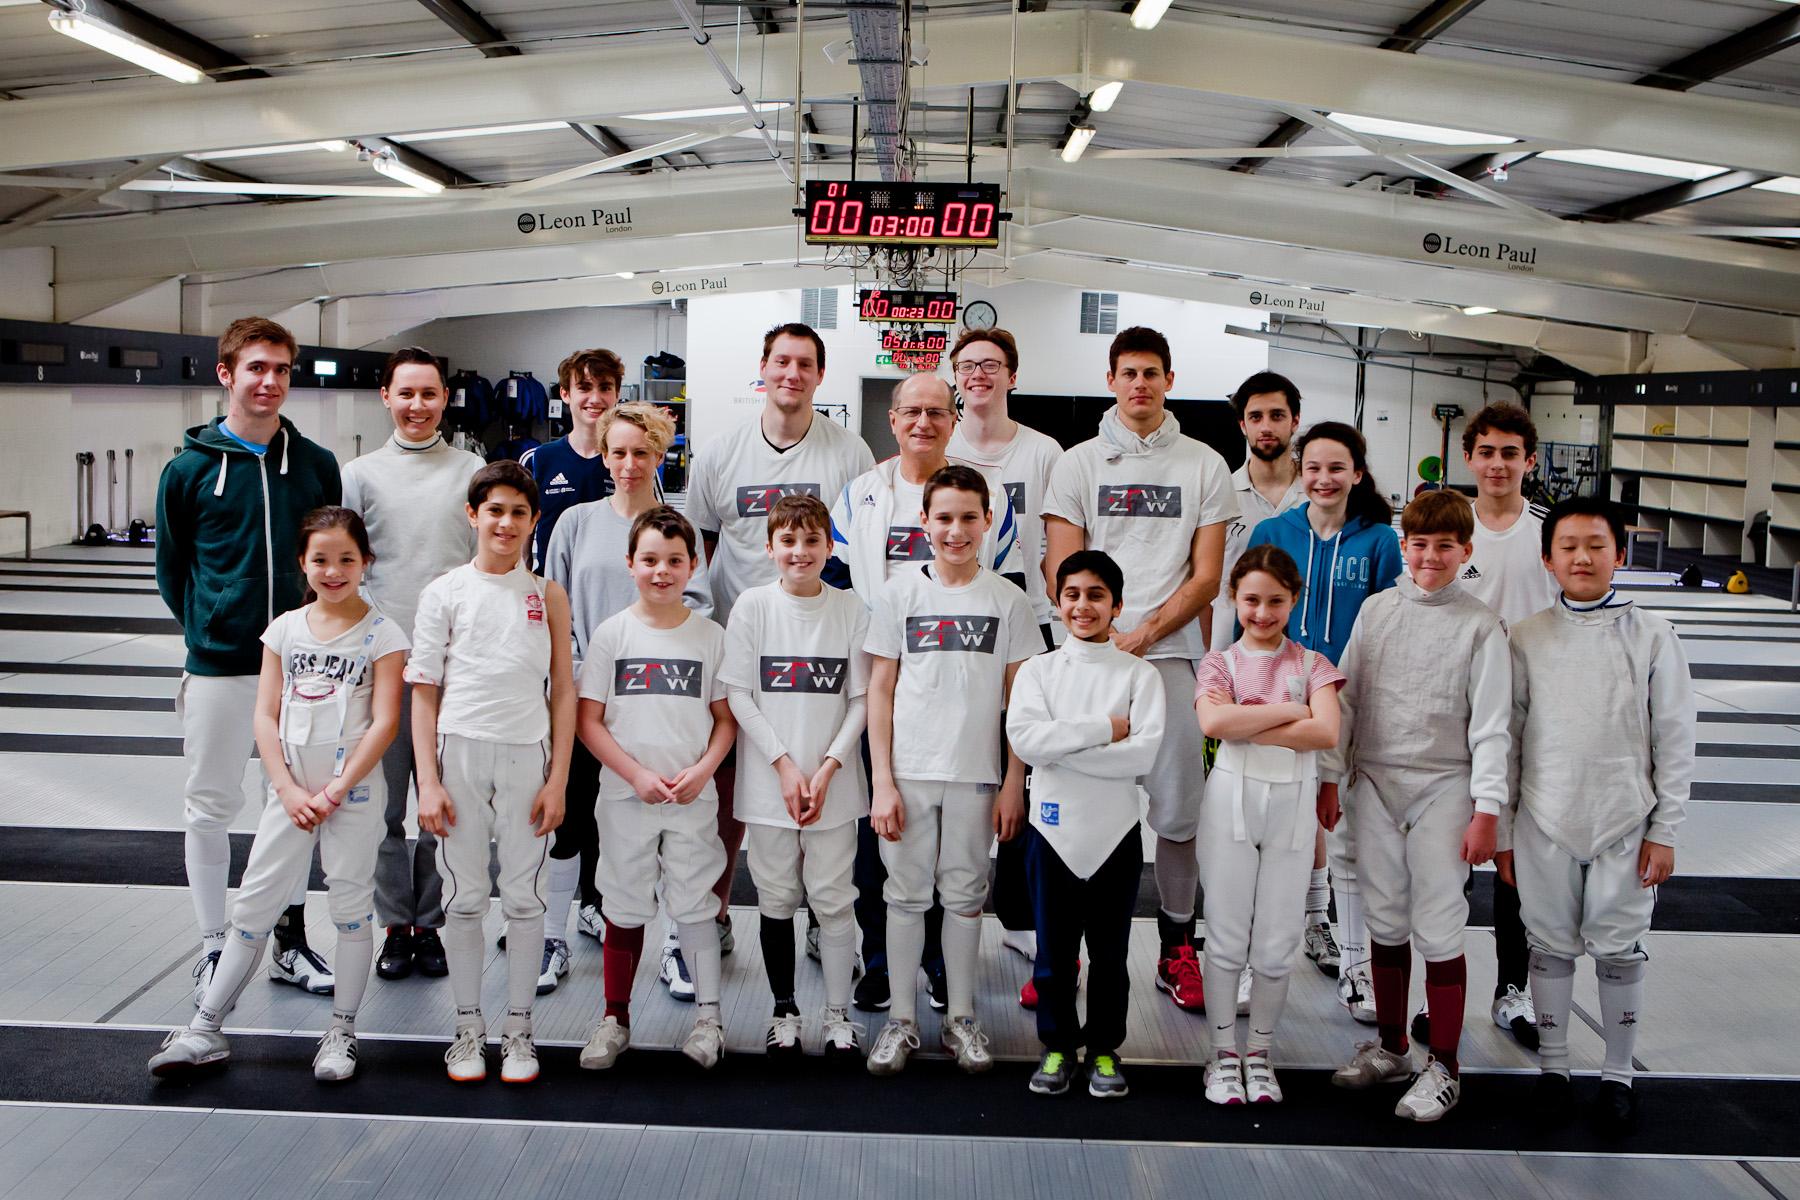 Zfw Fencing Club